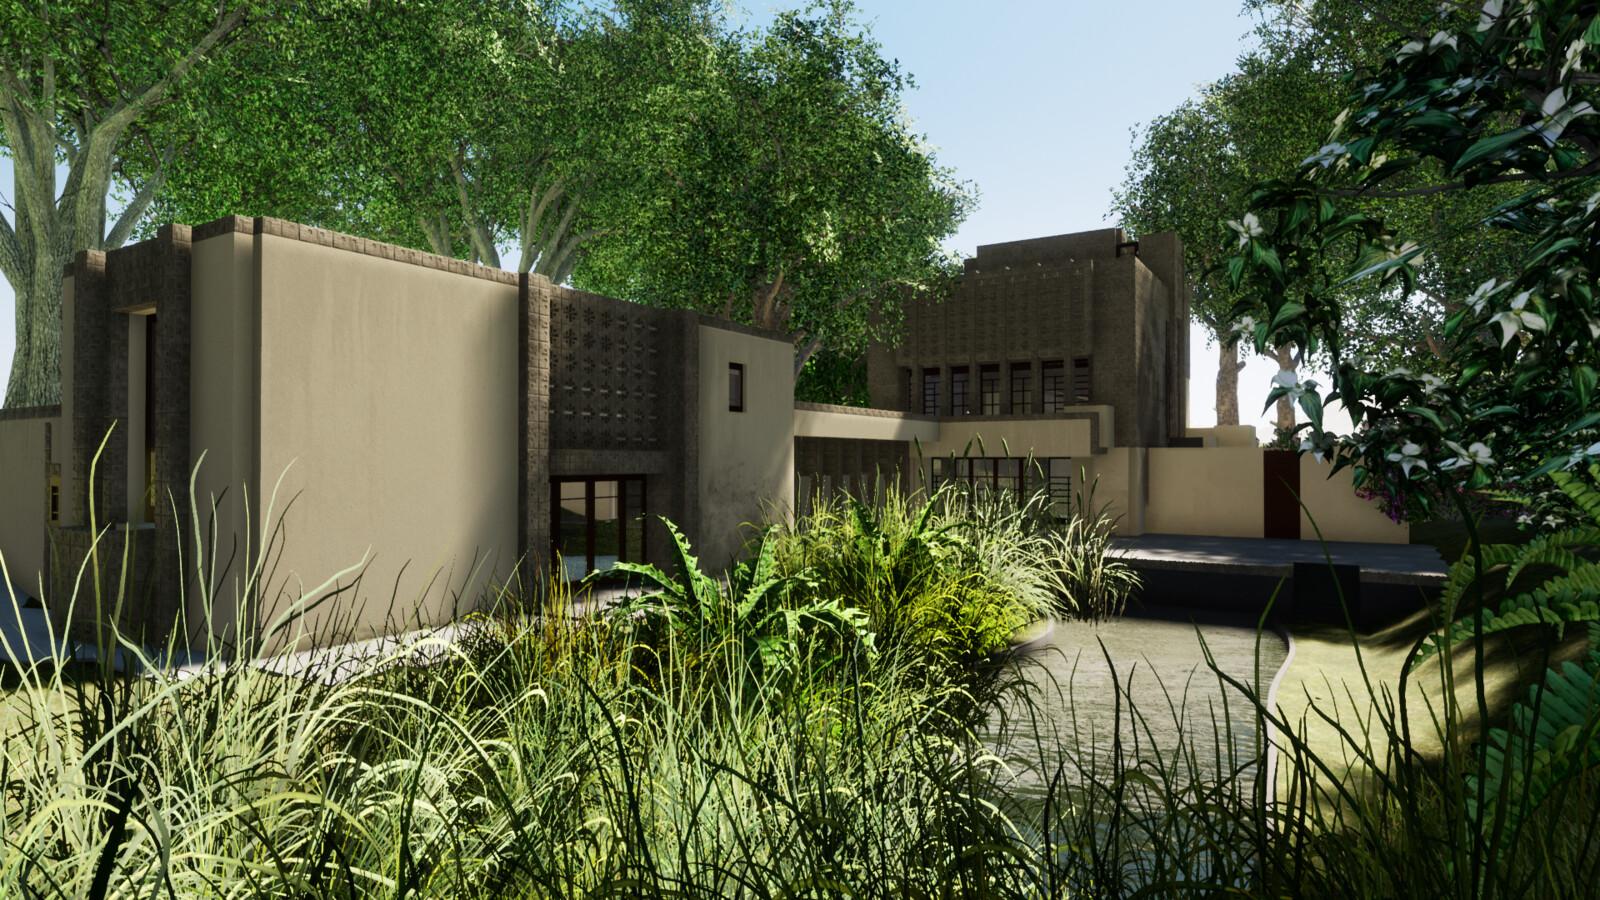 Millard House: Frank Lloyd Wright